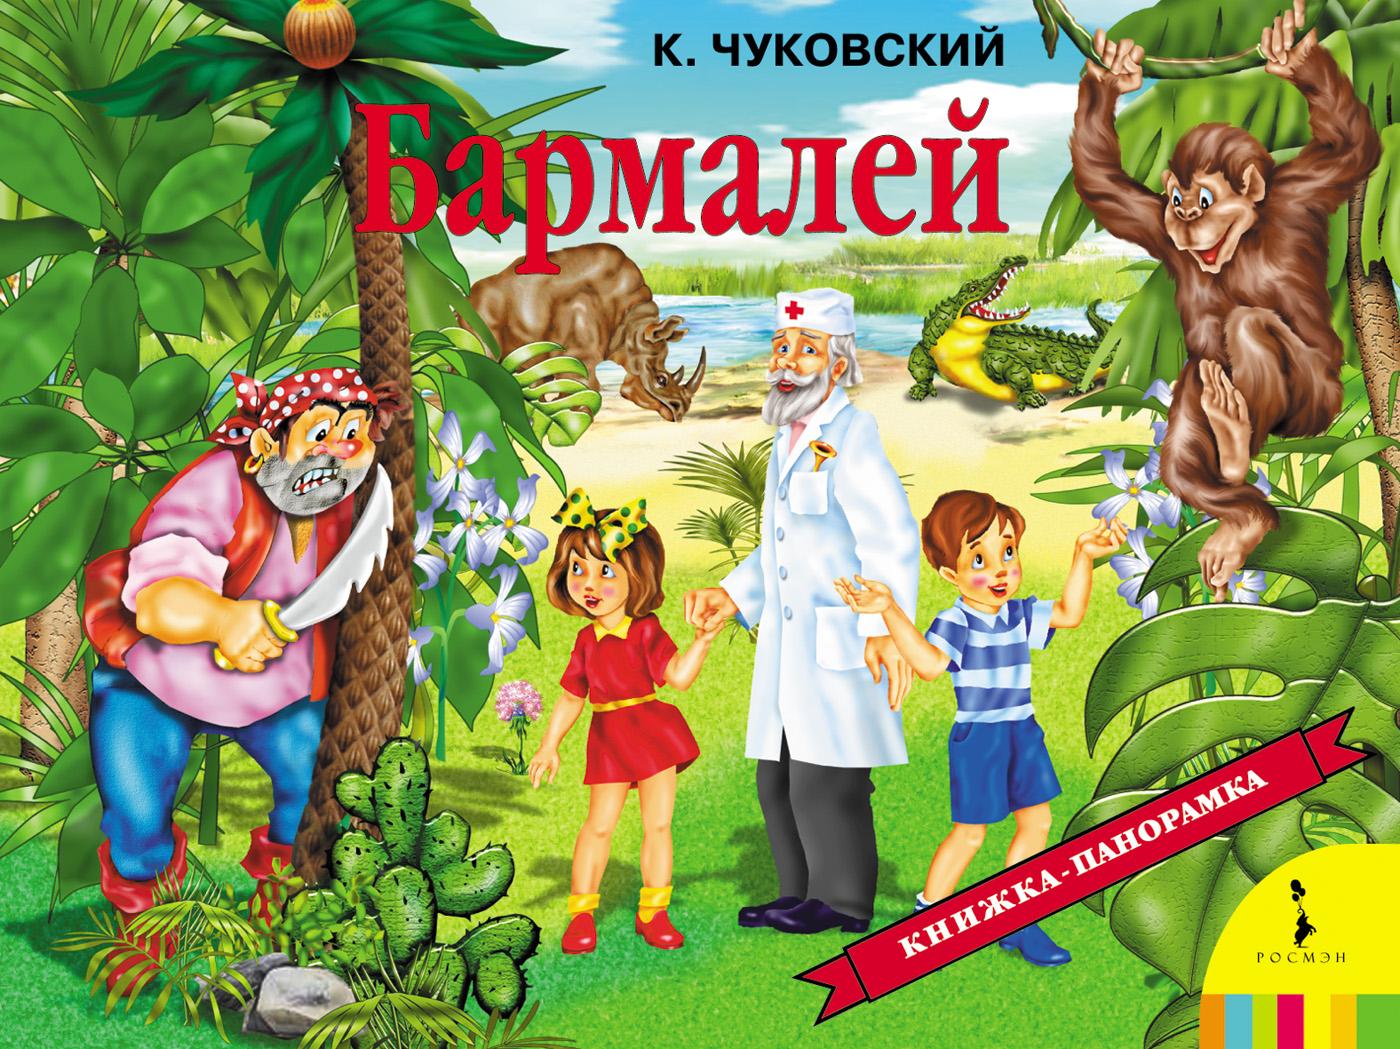 Панорамная книга Бармалей К. ЧуковскийКниги-панорамы<br>Панорамная книга Бармалей К. Чуковский<br>